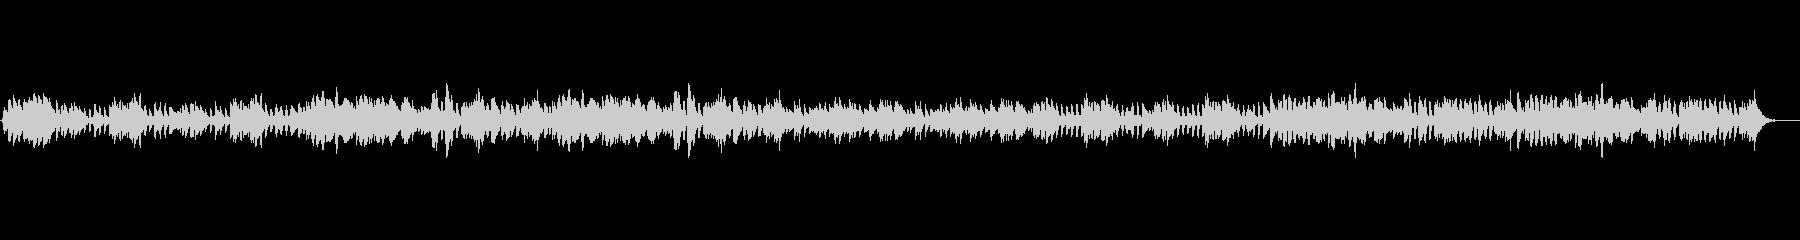 ピアノ練習曲/ブルグミュラーシュタイヤーの未再生の波形